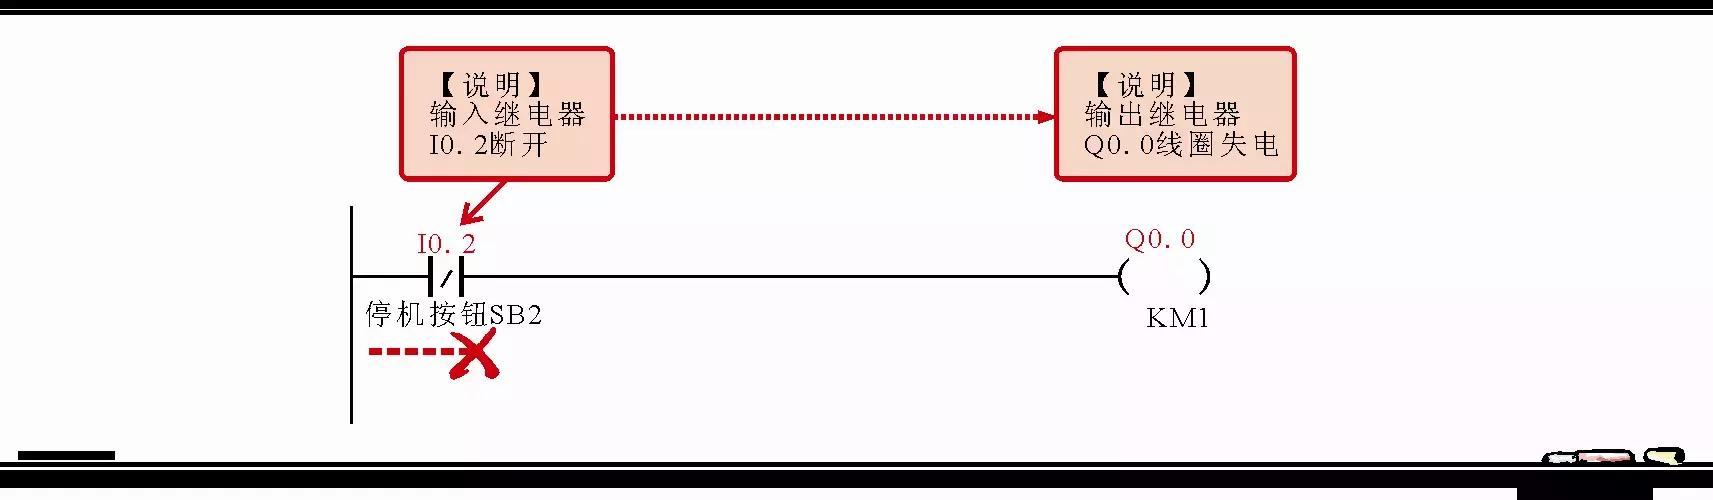 5)电动机m1与m2互锁及联锁控制过程梯形图